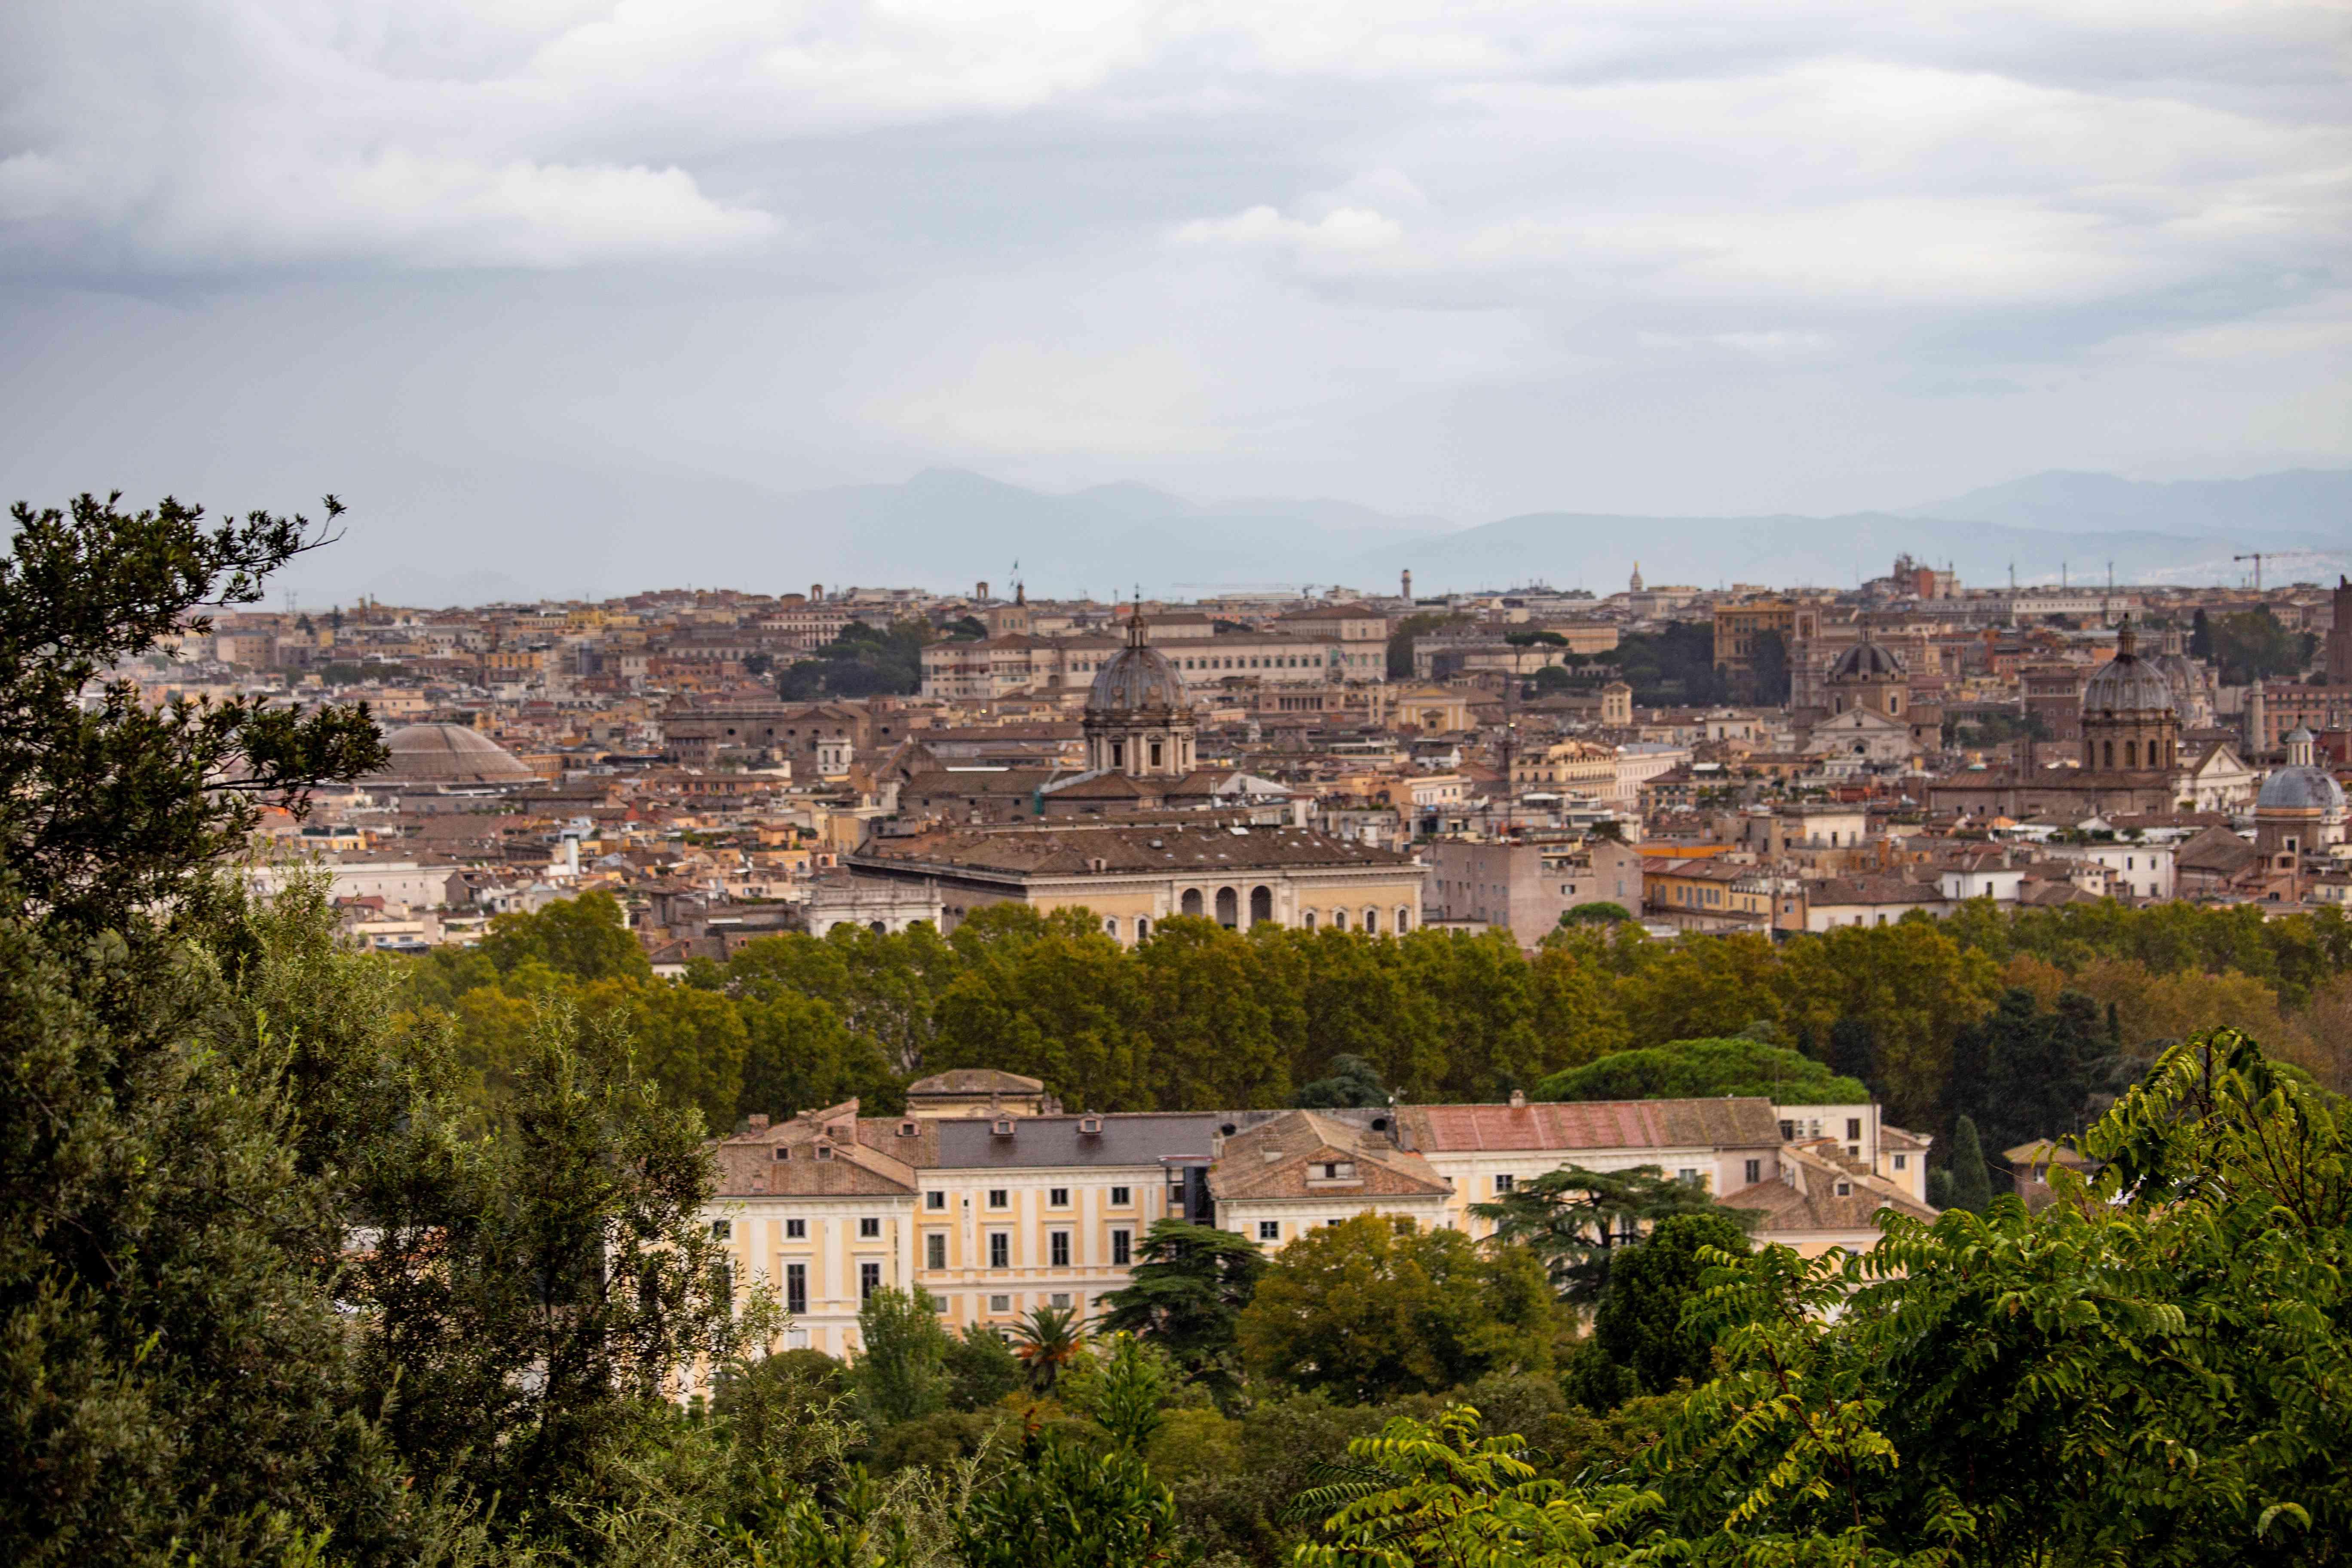 Janiculum Hill, Trastevere, Rome